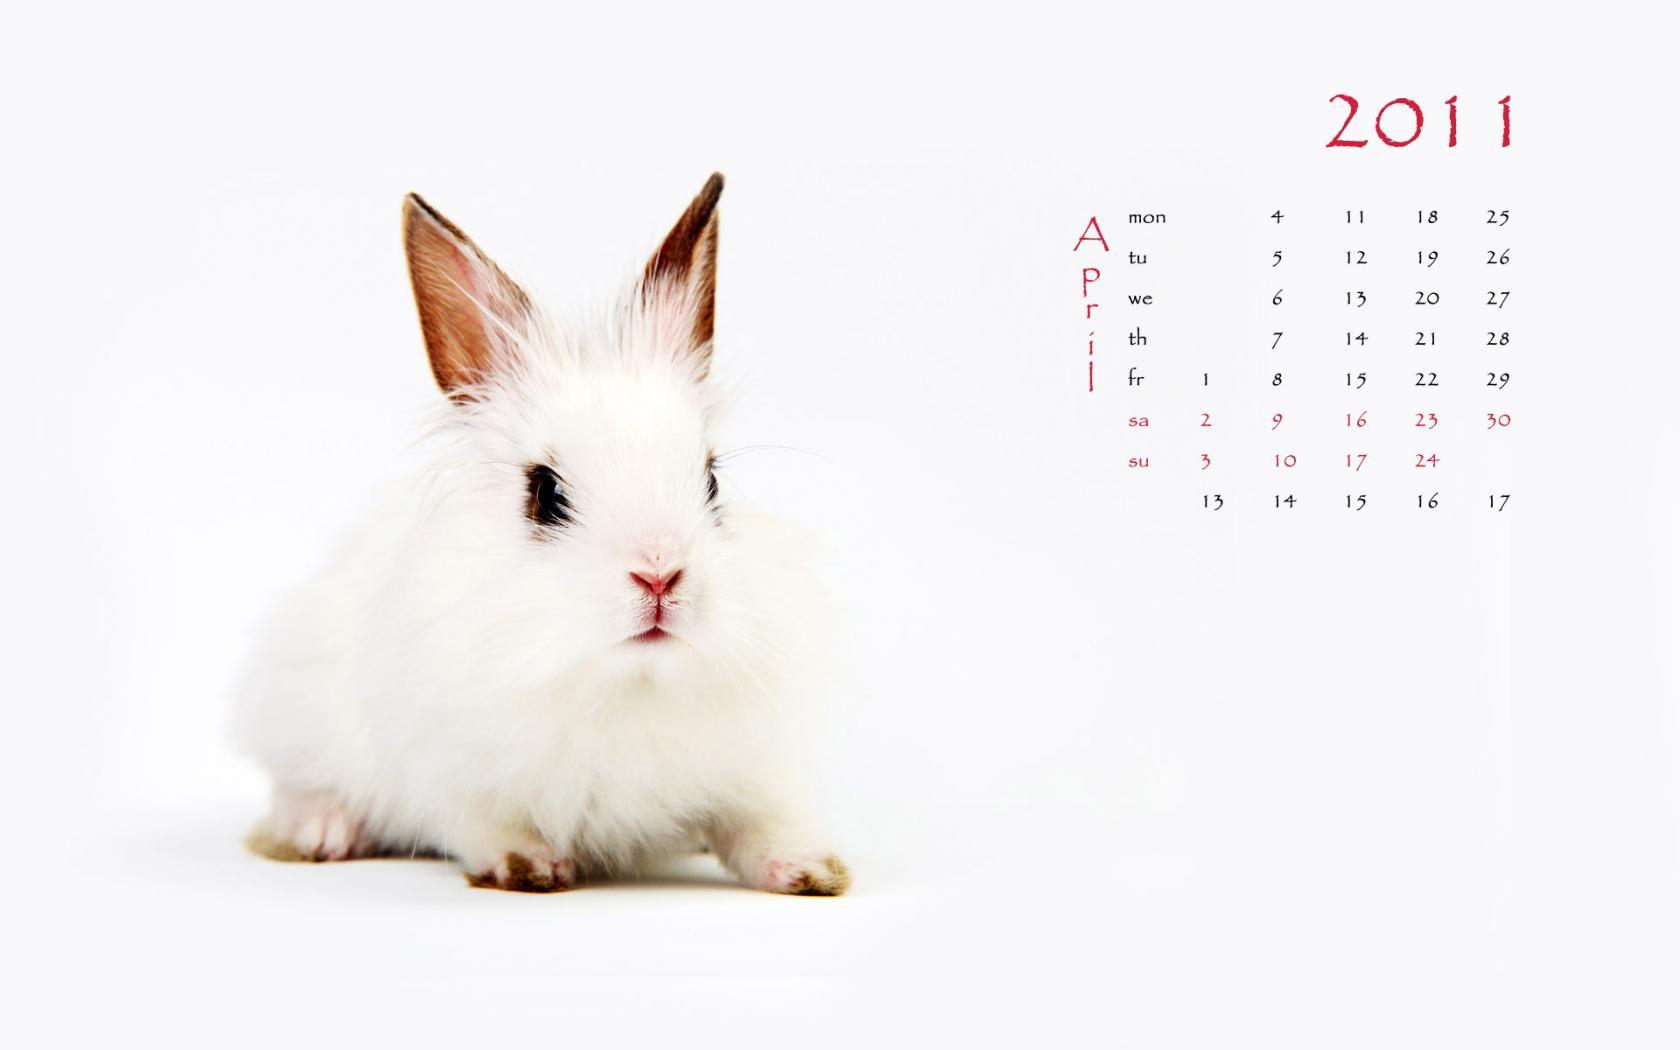 壁纸 动物 兔子 1680_1050